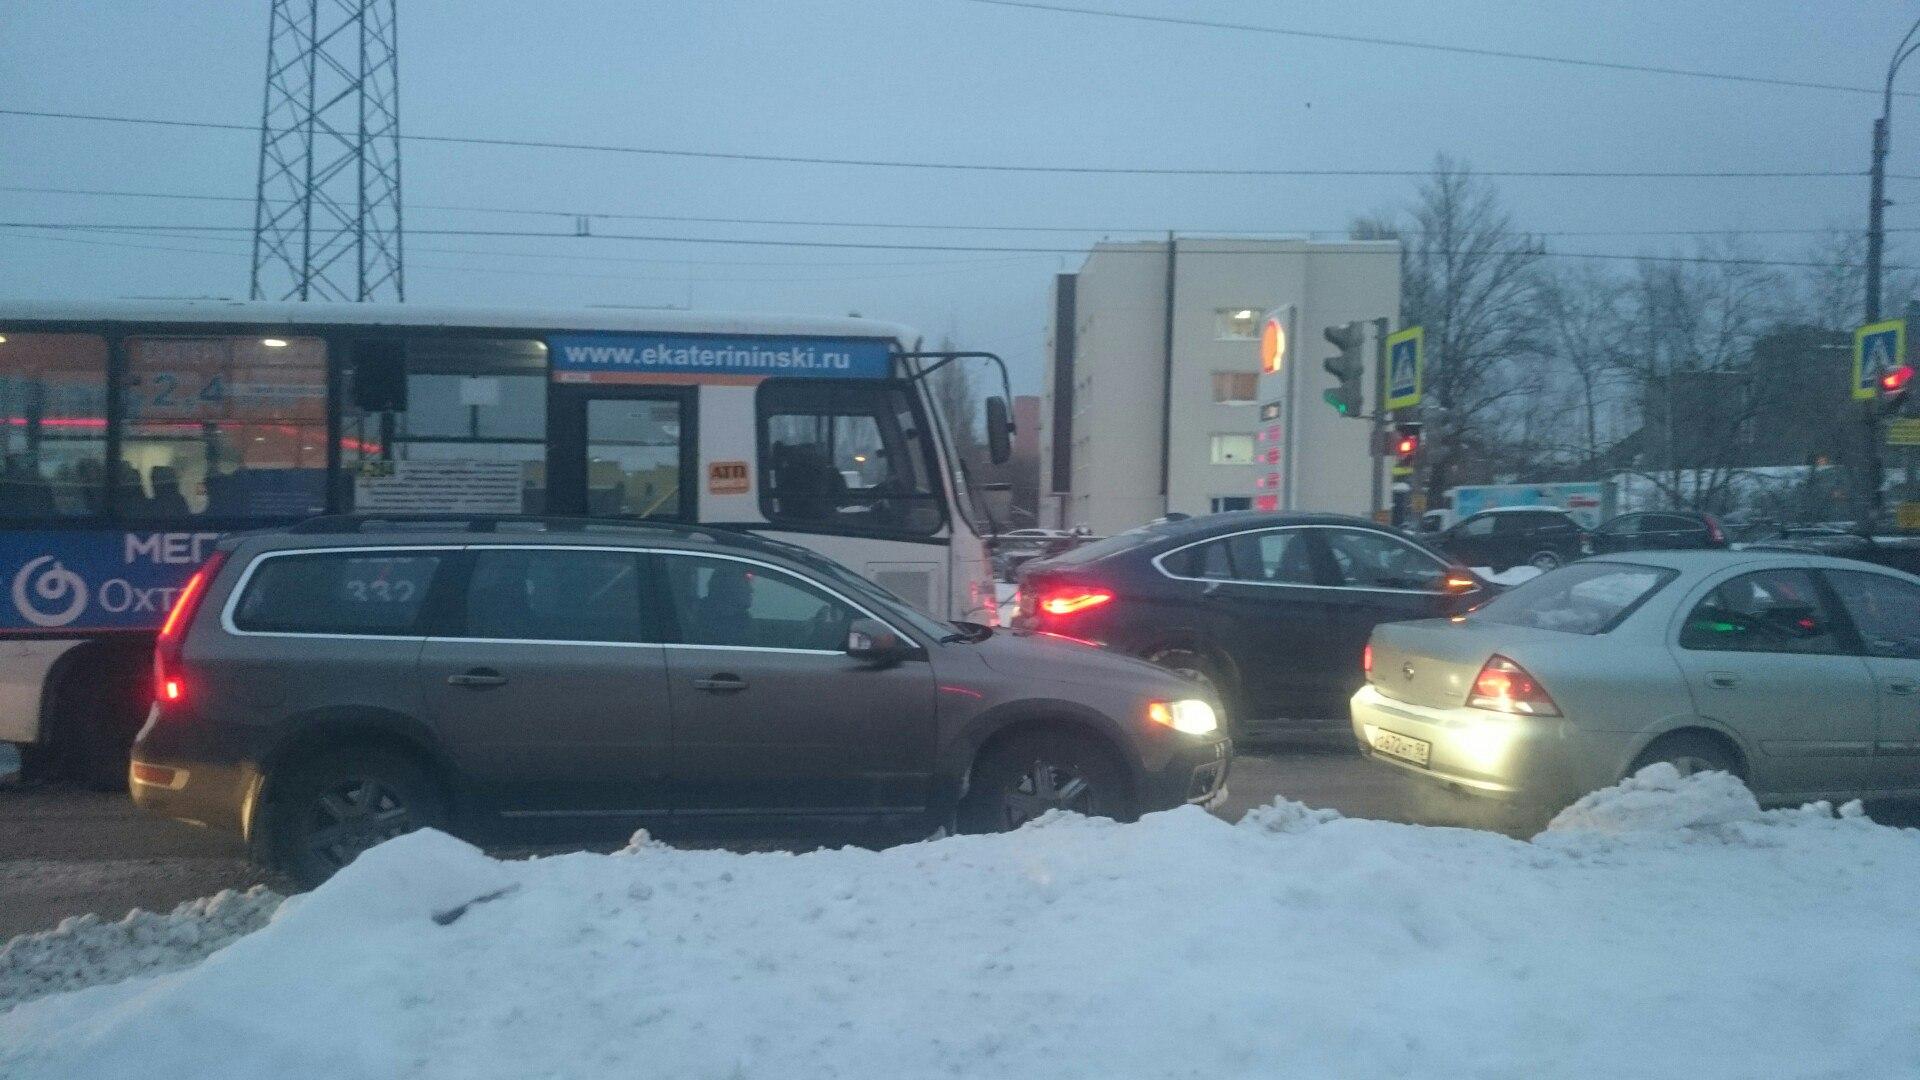 ВПетербурге из-за снегопада появились 10-балльные пробки